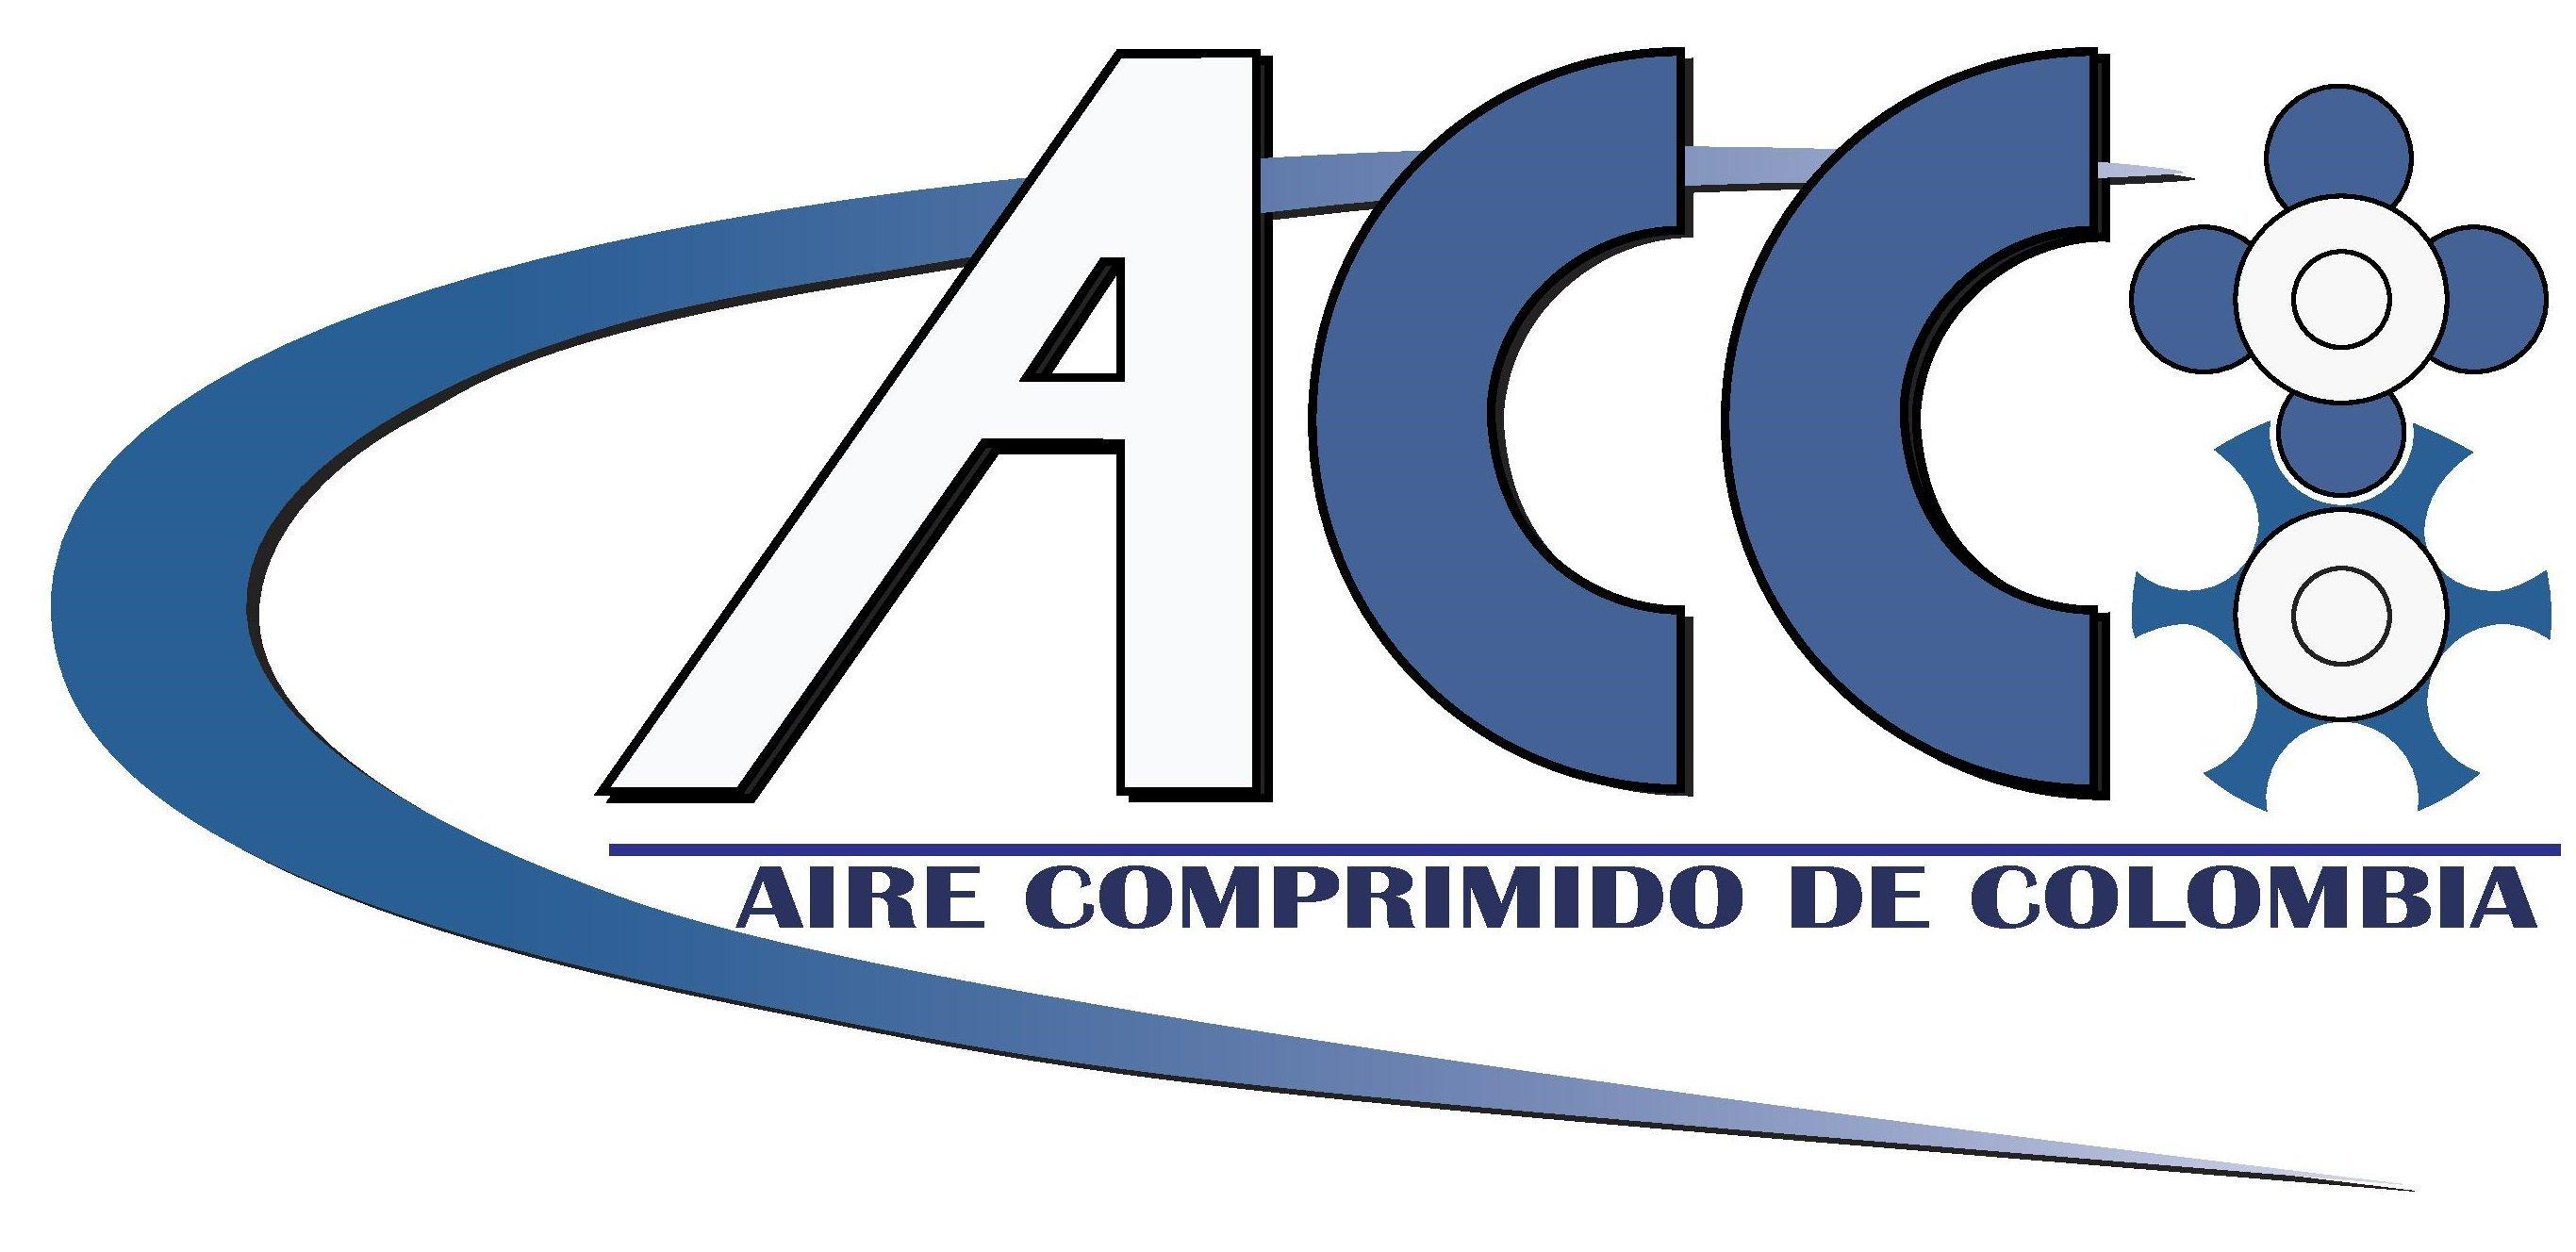 AIRE COMPRIMIDO DE COLOMBIA